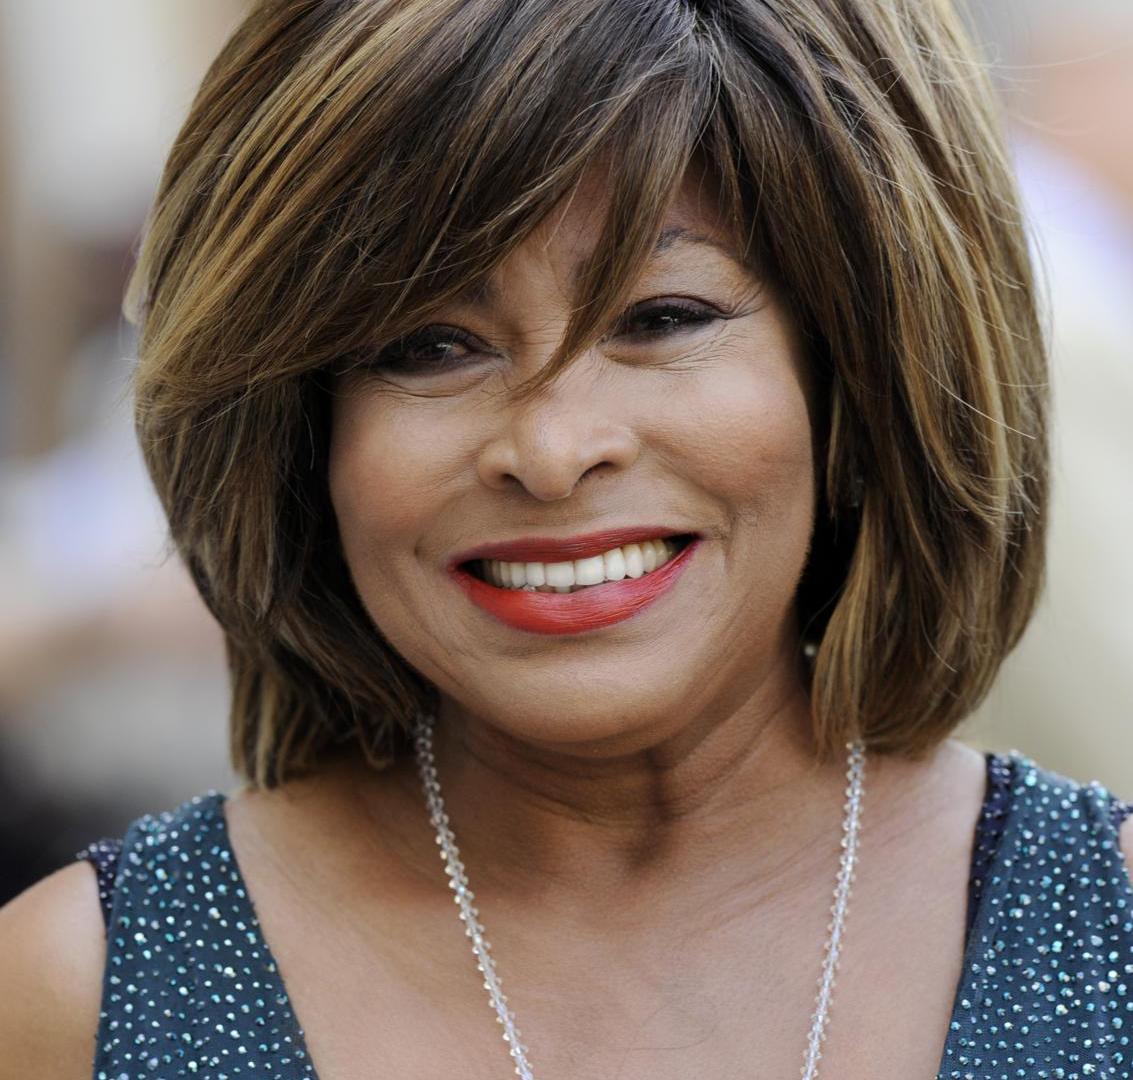 TINA At The Elysee – Tina Turner Blog